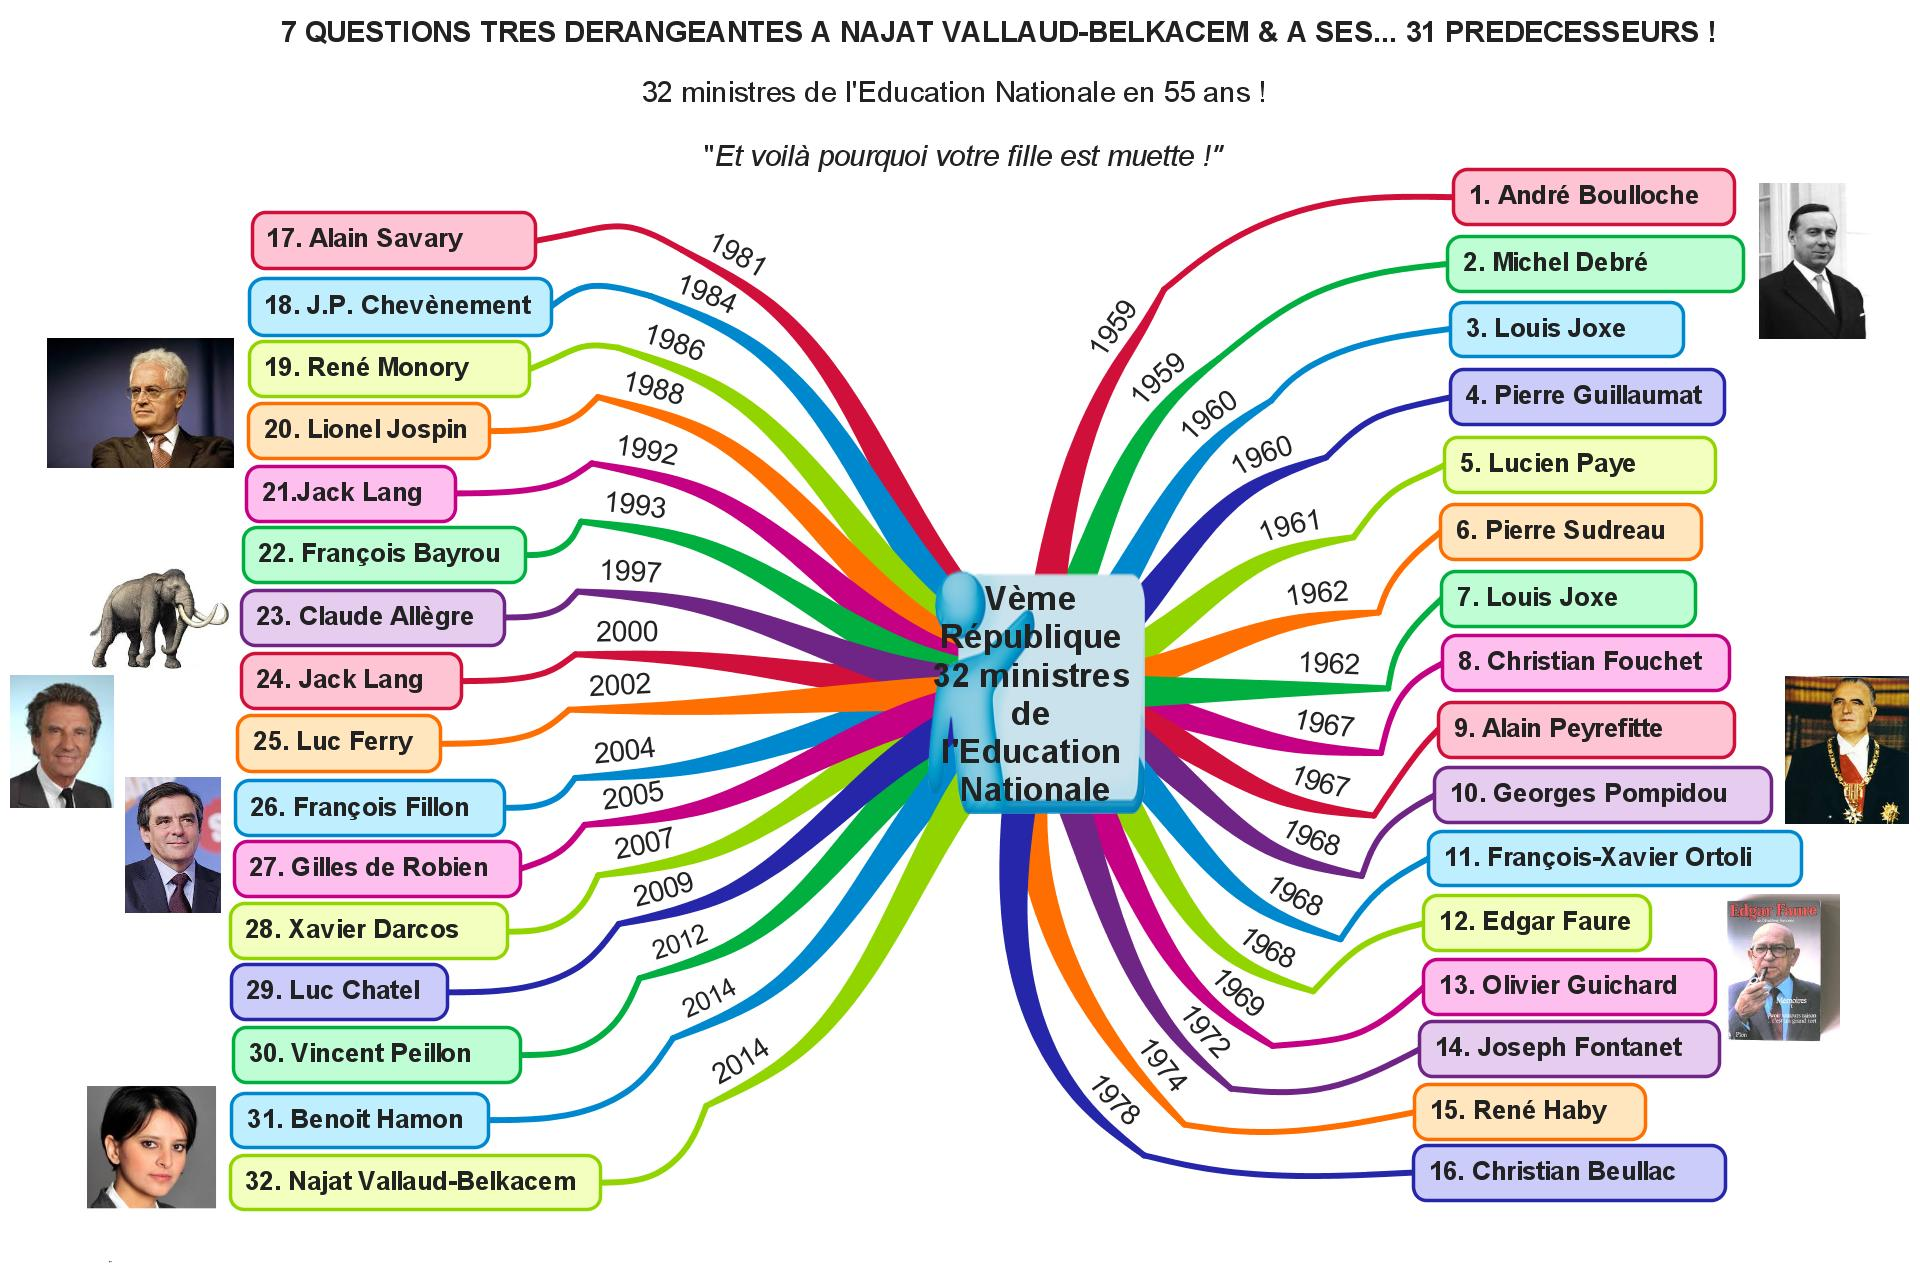 Vème République 32 ministres de l'Education Nationale